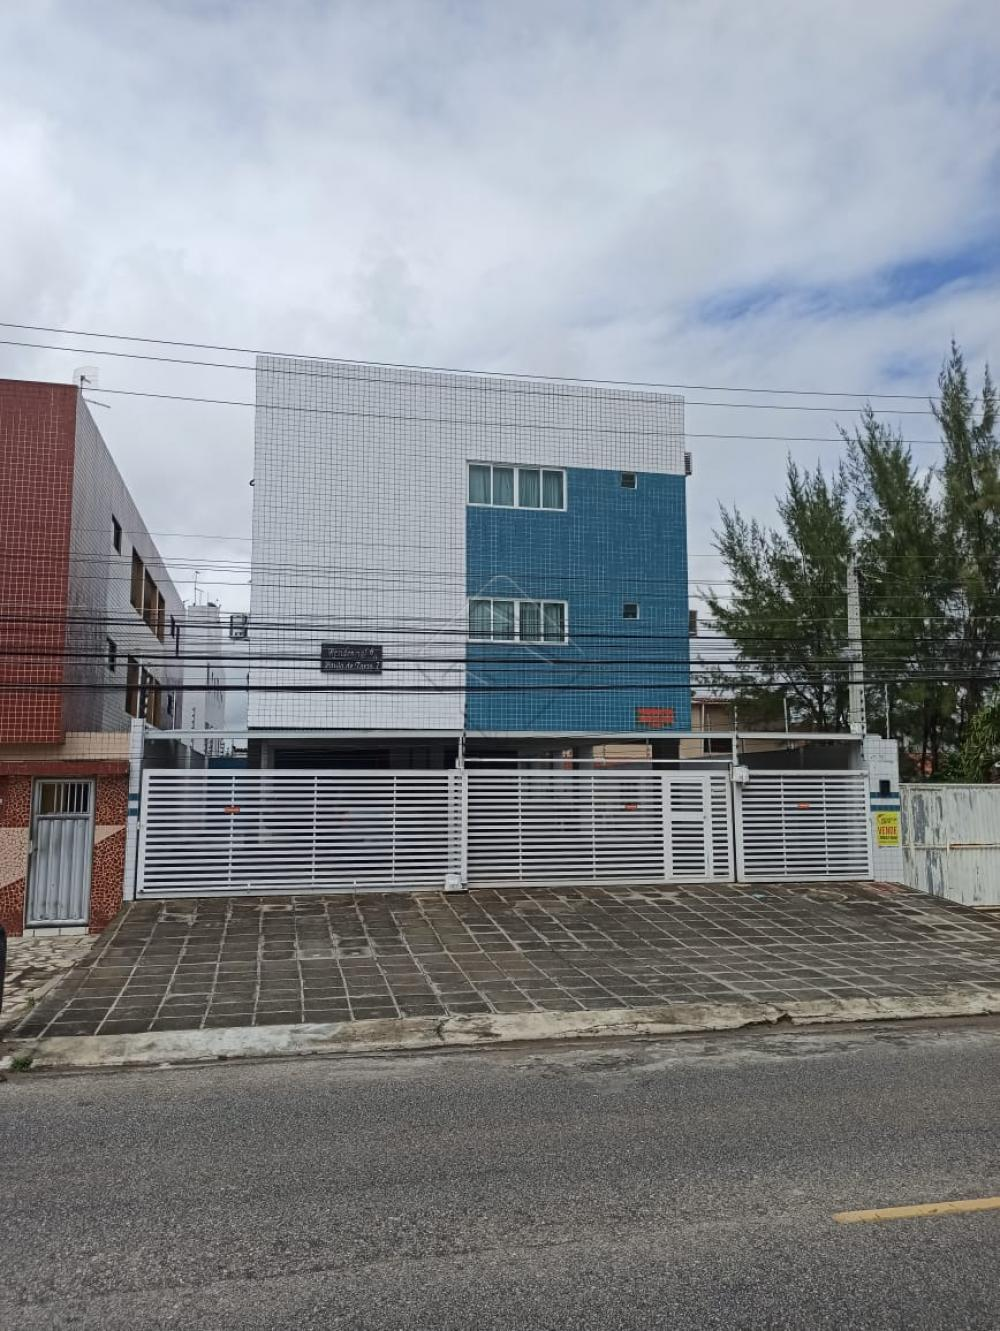 O bairro do Bessa é uma região nobre da zona leste da cidade de João Pessoa, capital do estado da Paraíba. Em grande parte, é um bairro residencial e possui uma praia repleta de lindas palmeiras.  O local é um dos destinos favoritos de turistas que procuram uma região mais calma e, ao mesmo tempo, ofereça aos visitantes diversas opções de lazer para os seus dias de férias.  Contando com uma excelente localização (Próximo ao acesso a BR-230 e ao Terminal de Integração do Bessa) , o imóvel que fica localizado no 1º andar, possui:  *3 QUARTOS SENDO 1 SUÍTE *SALA PARA DOIS AMBIENTES *WC SOCIAL *COZINHA COM ÁREA DE SERVIÇO INTEGRADA *ARMÁRIOS NA COZINHA E BANHEIROS *BOX BLINDEX *POSIÇÃO NASCENTE/SUL *01 VAGA DE GARAGEM  Marque agora mesmo uma visita e aproveite os melhores momentos com a sua família de casa nova!  AGENDE AGORA SUA VISITA TEIXEIRA DE CARVALHO IMOBILIÁRIA CRECI 304J - (83) 2106-4545